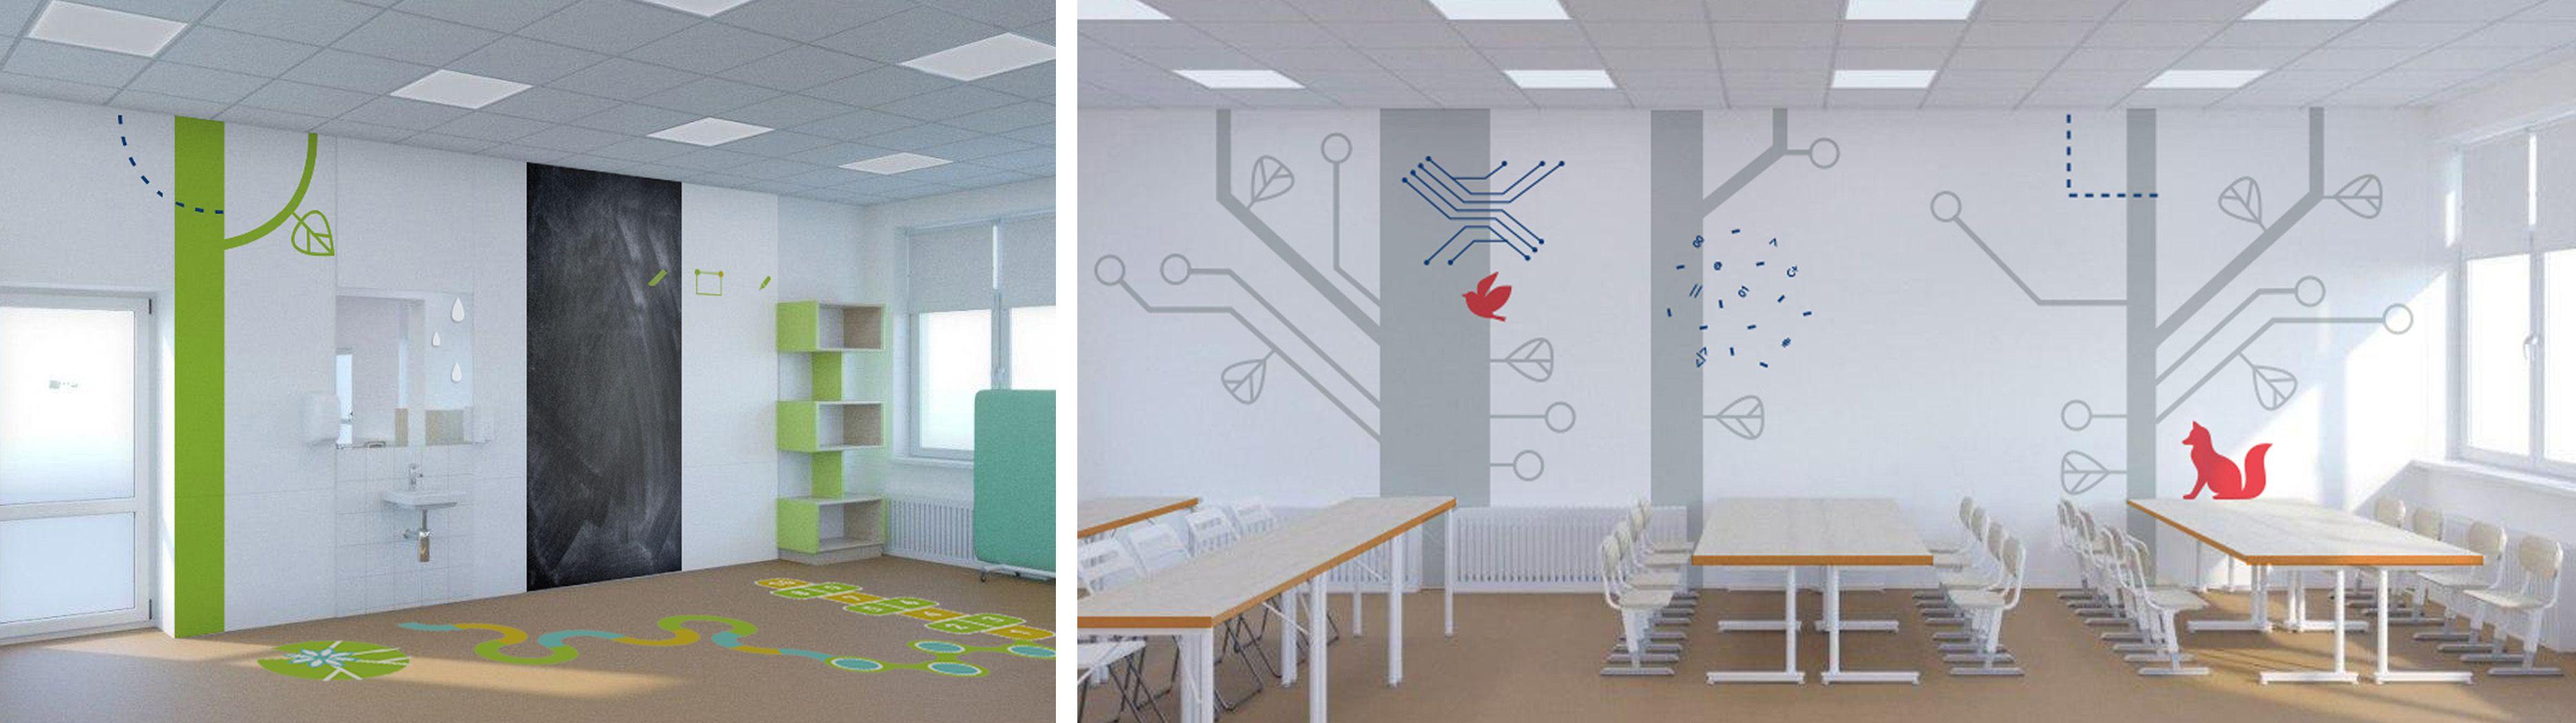 классы и рекреации начальной школы